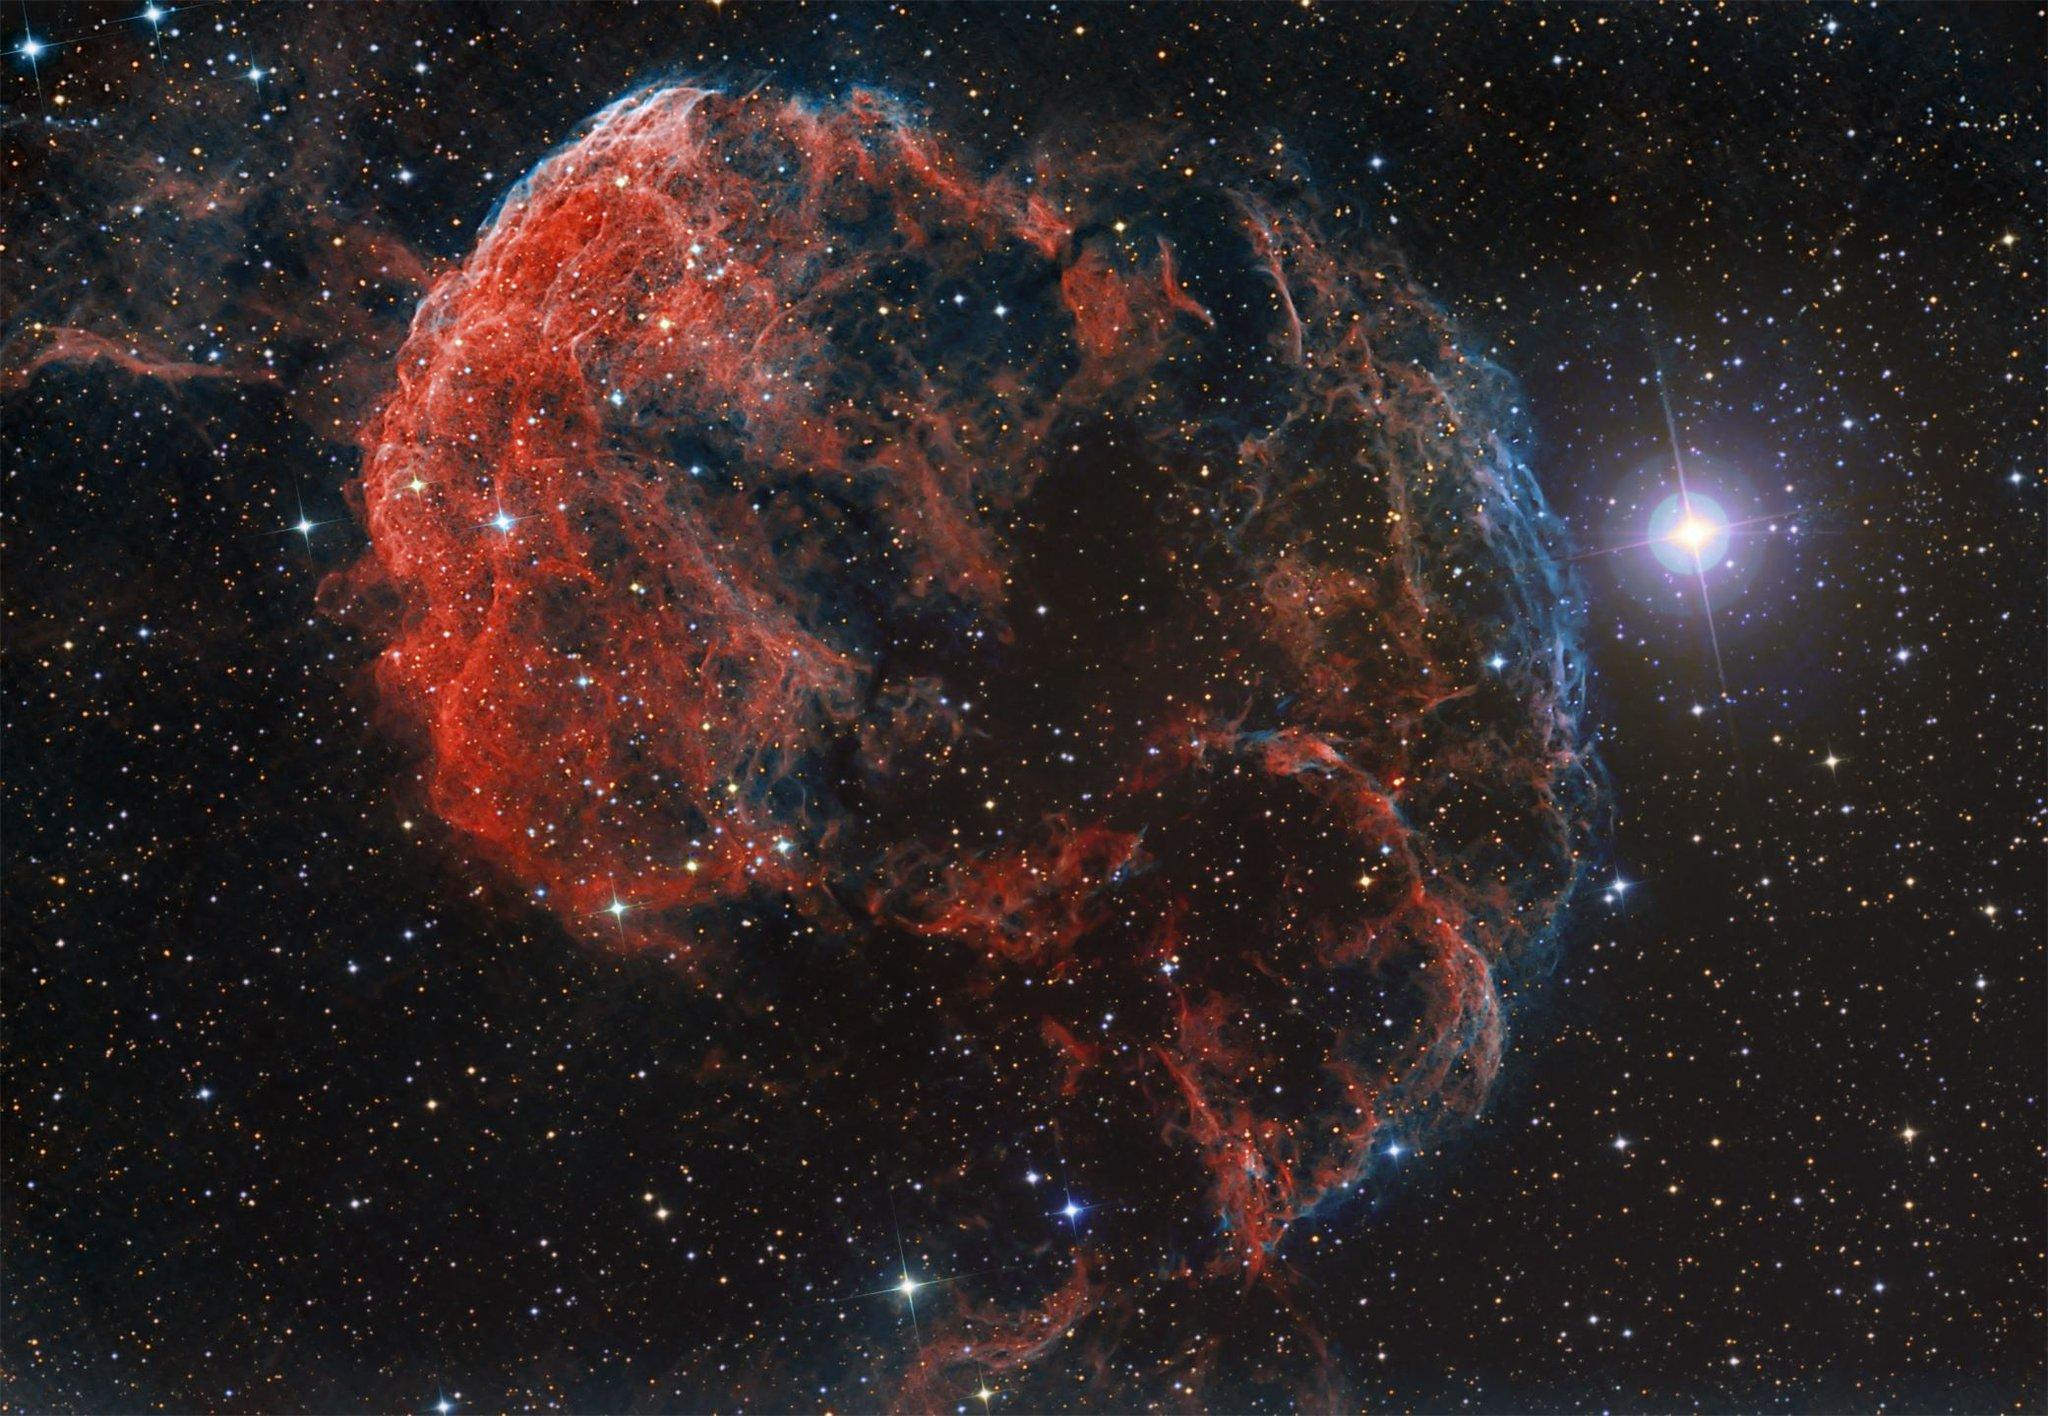 nasa finds blue star - HD1920×1080